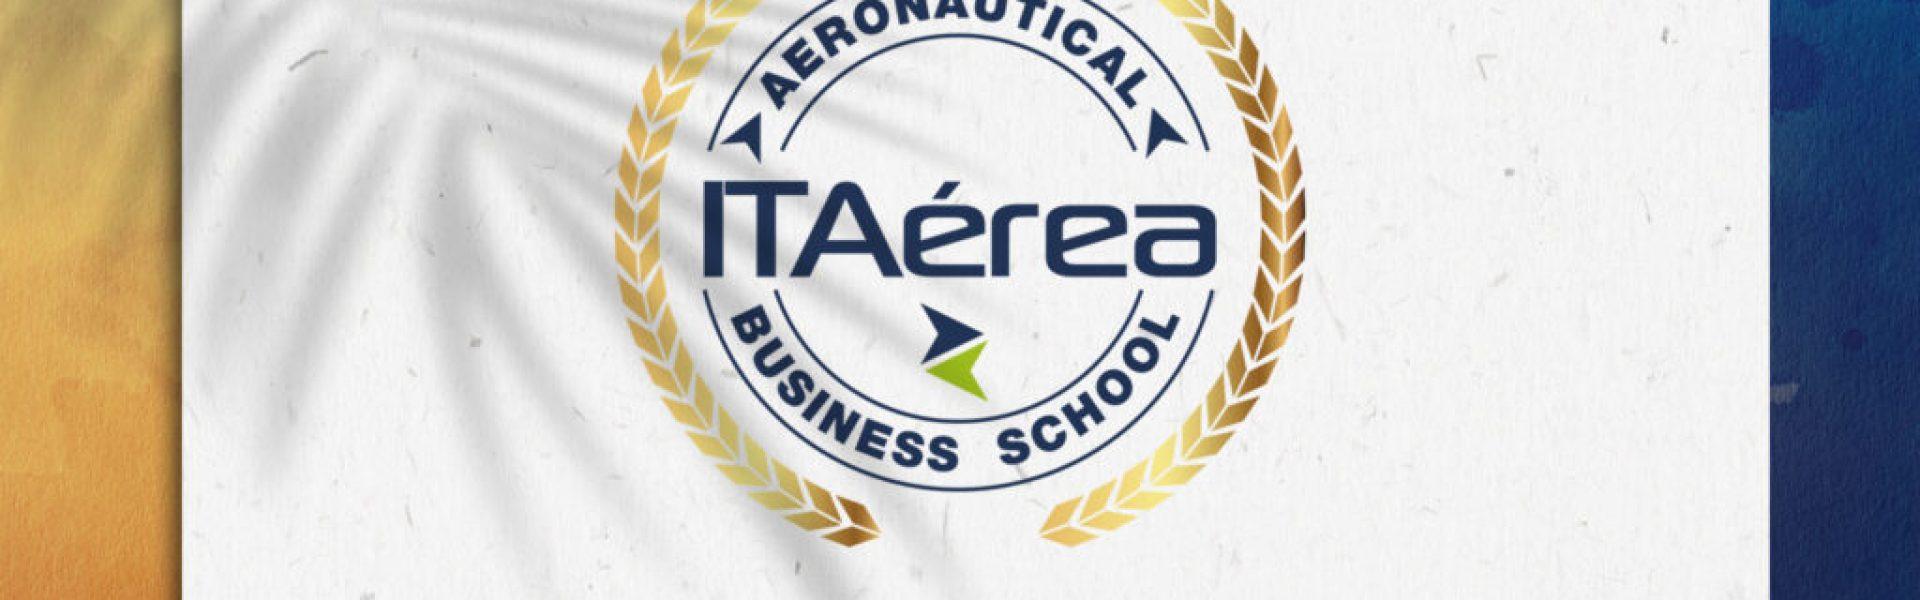 itaérea summer school cursos de verano de aeronáutica